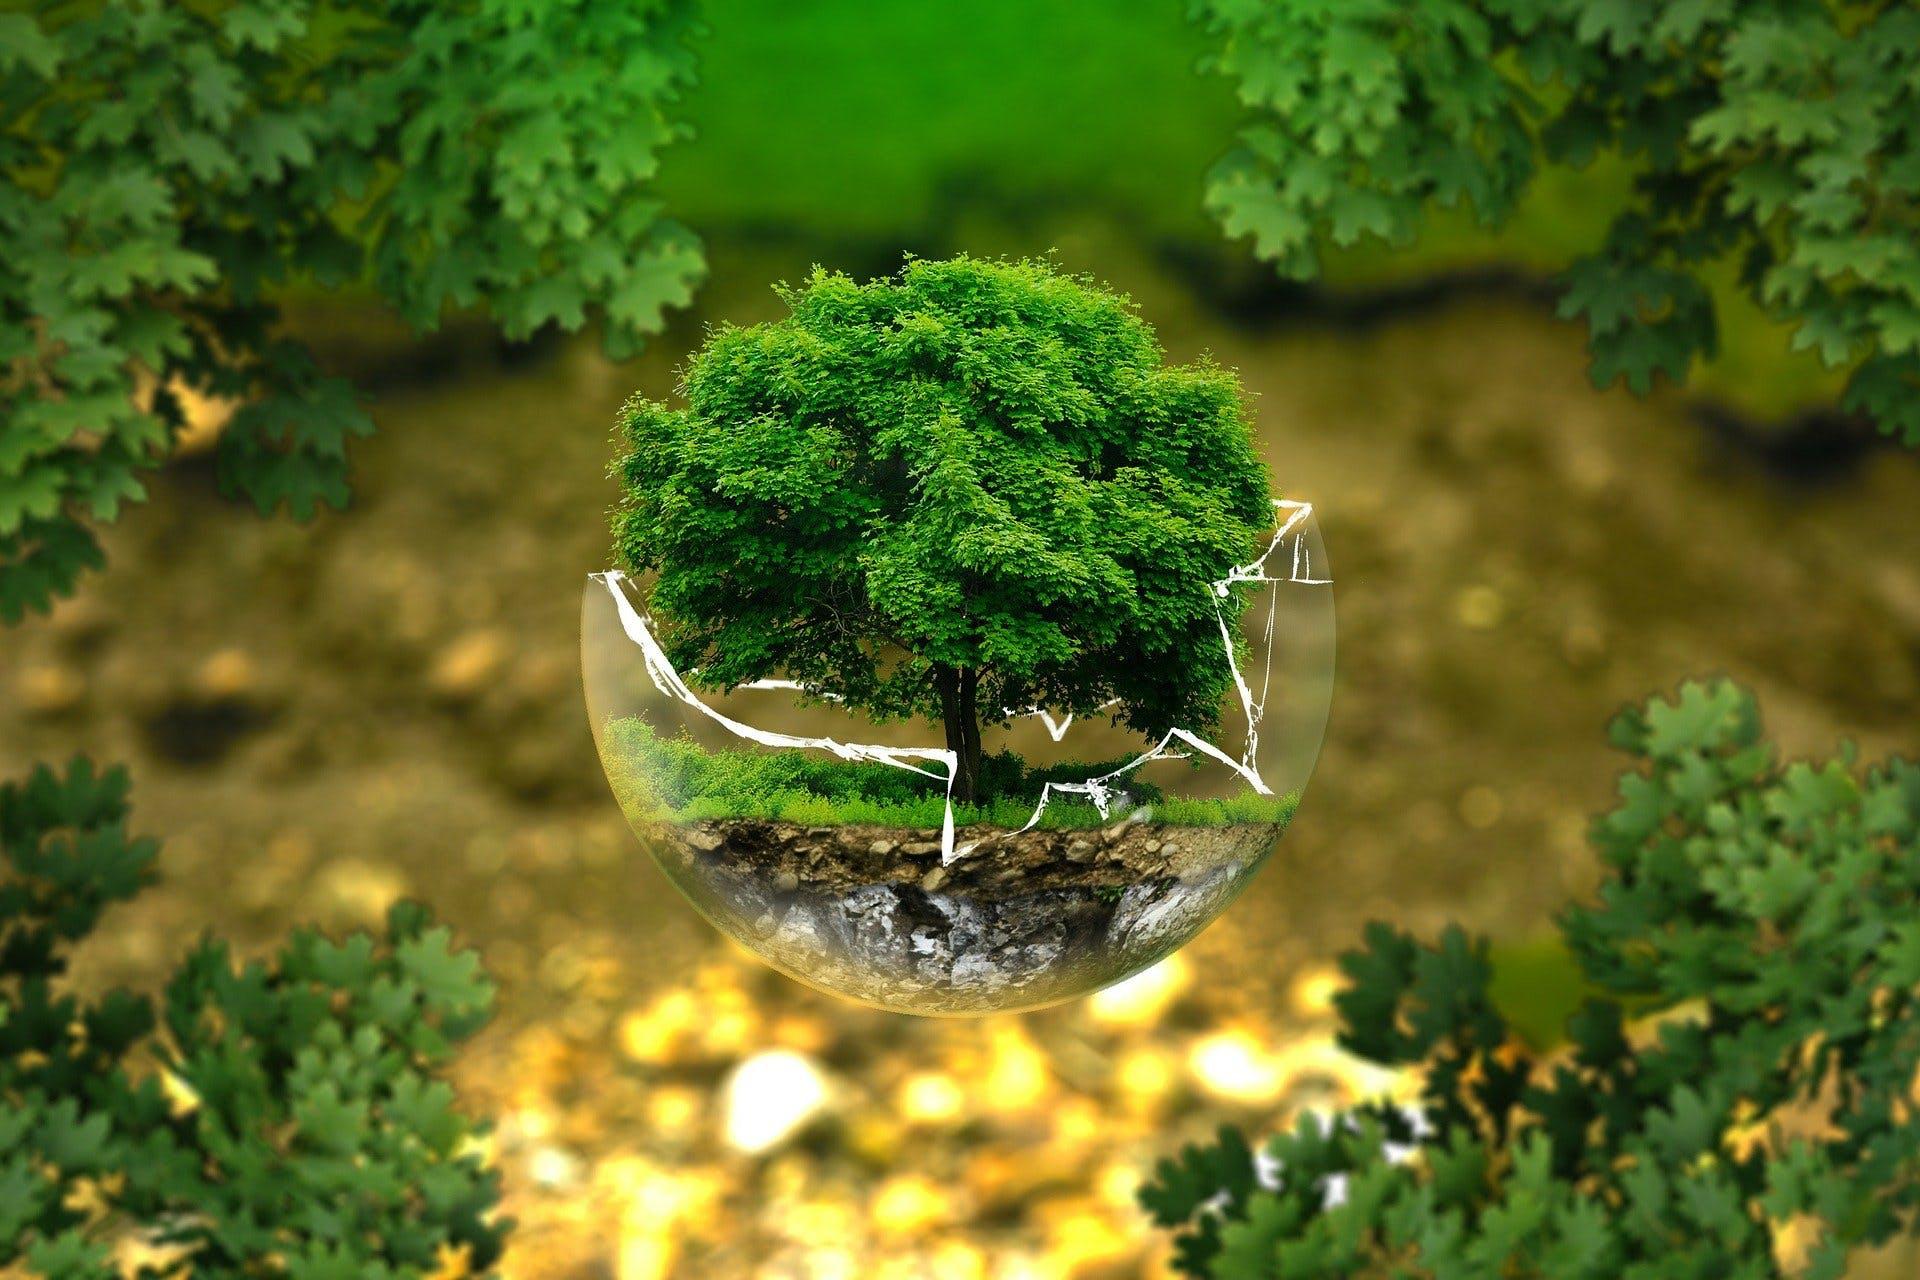 Ein Baum wächst innerhalb einer zerbrochenen Glaskugel.